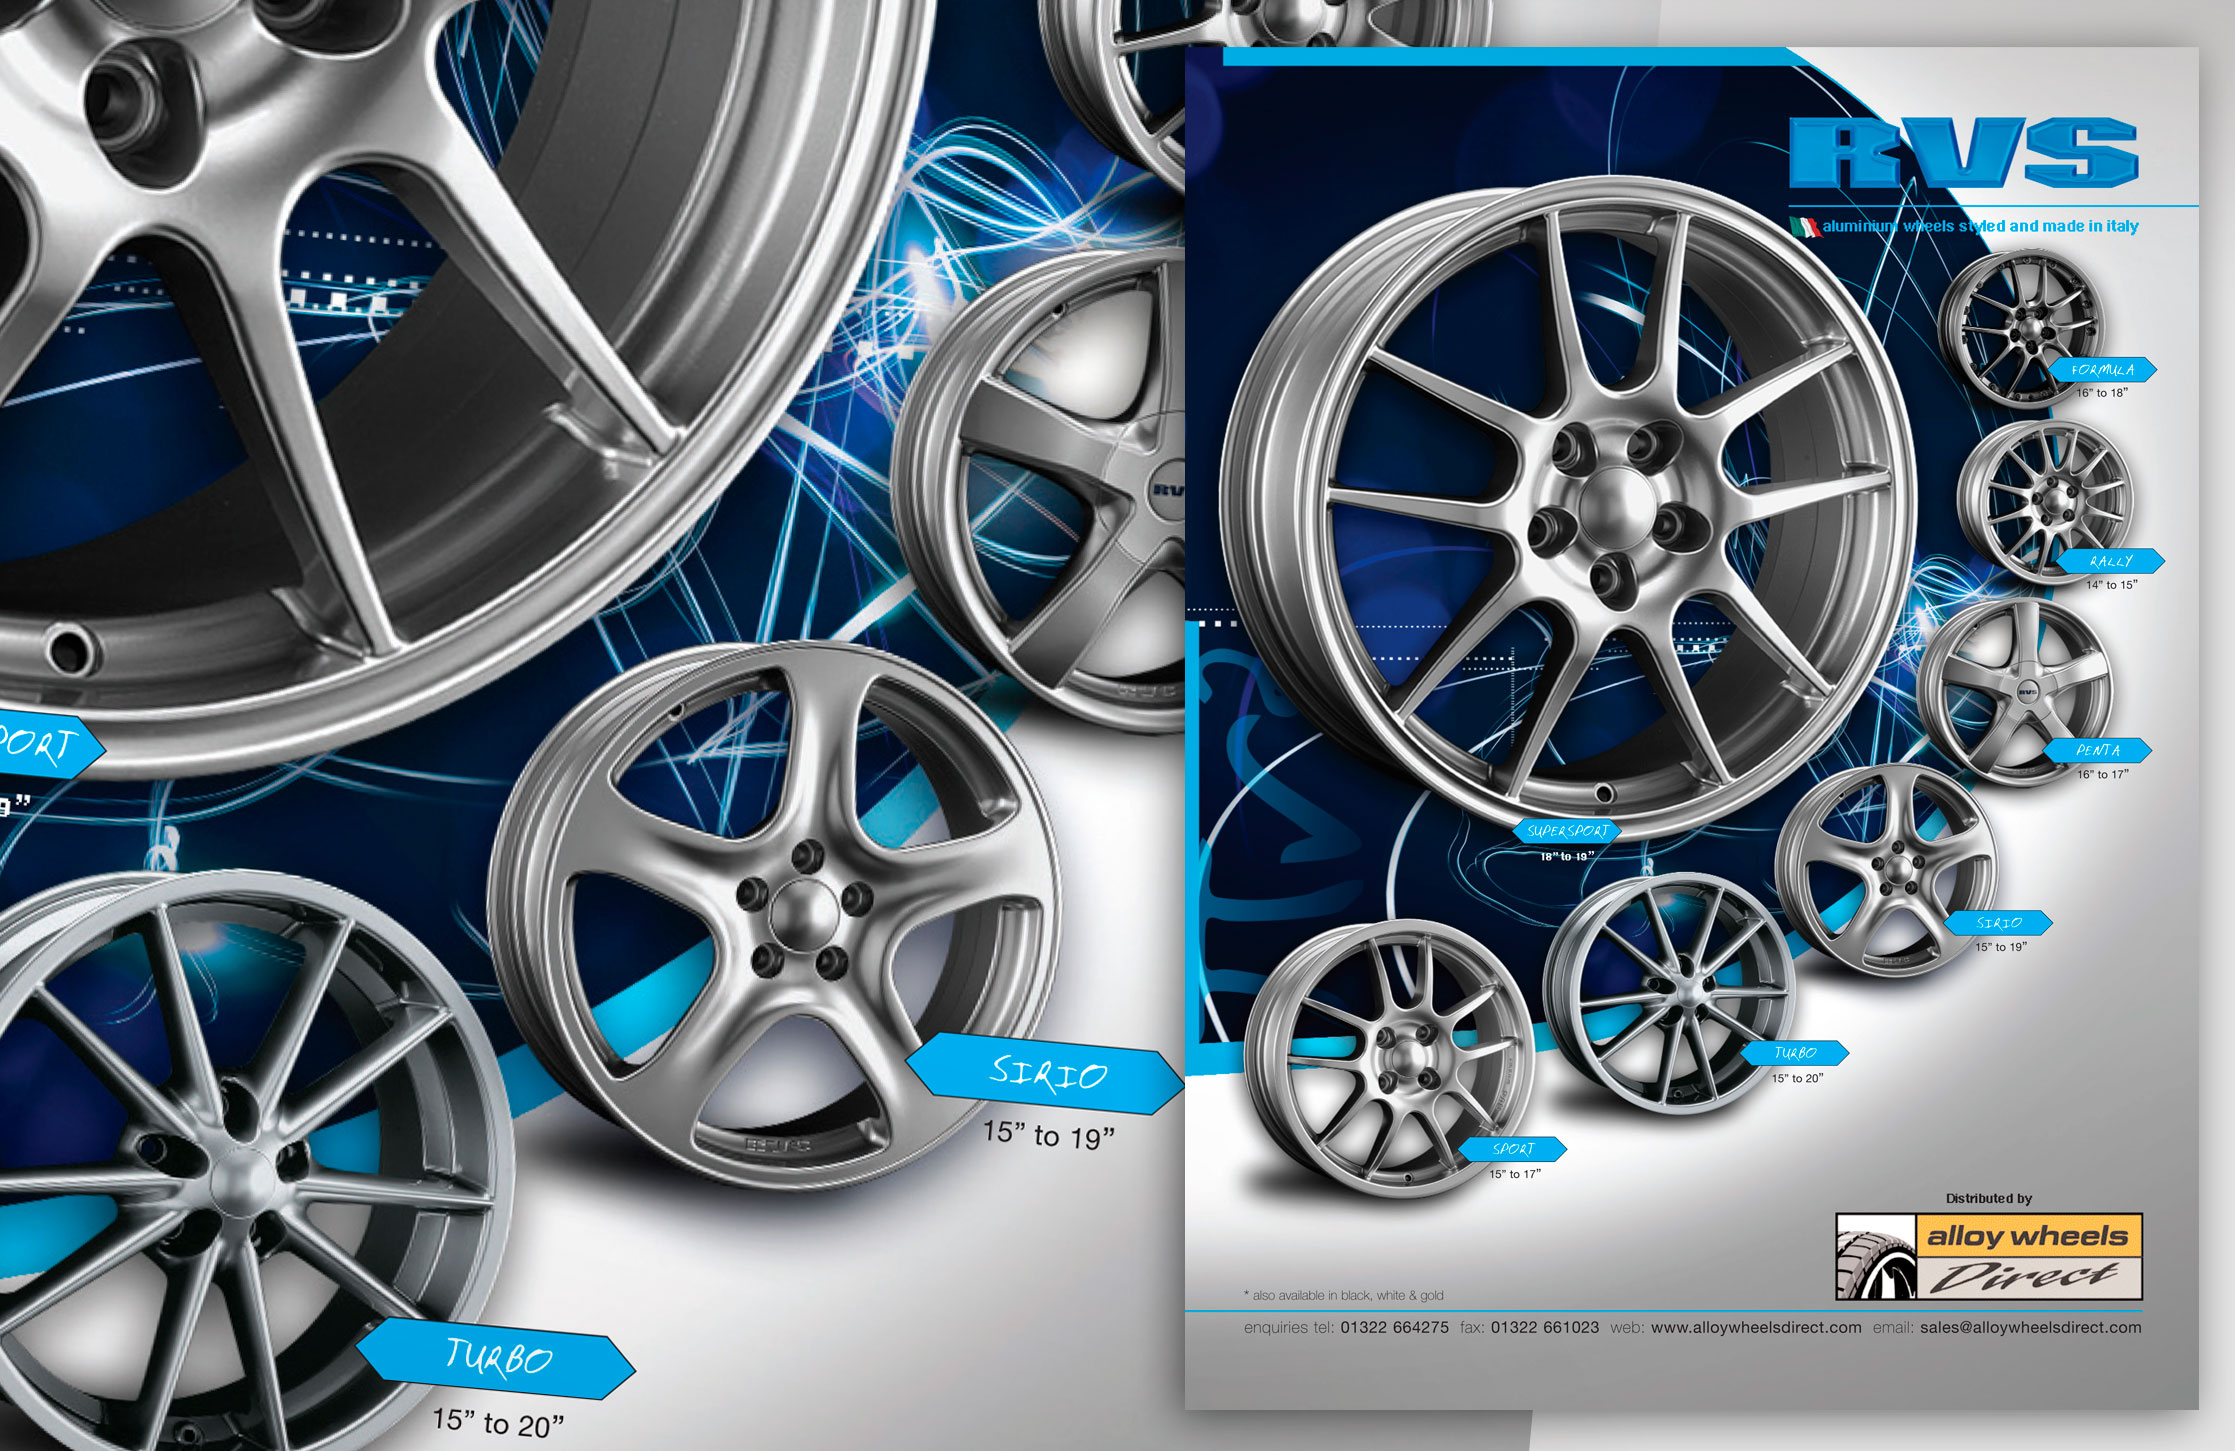 RVS Alloy Wheels Advert